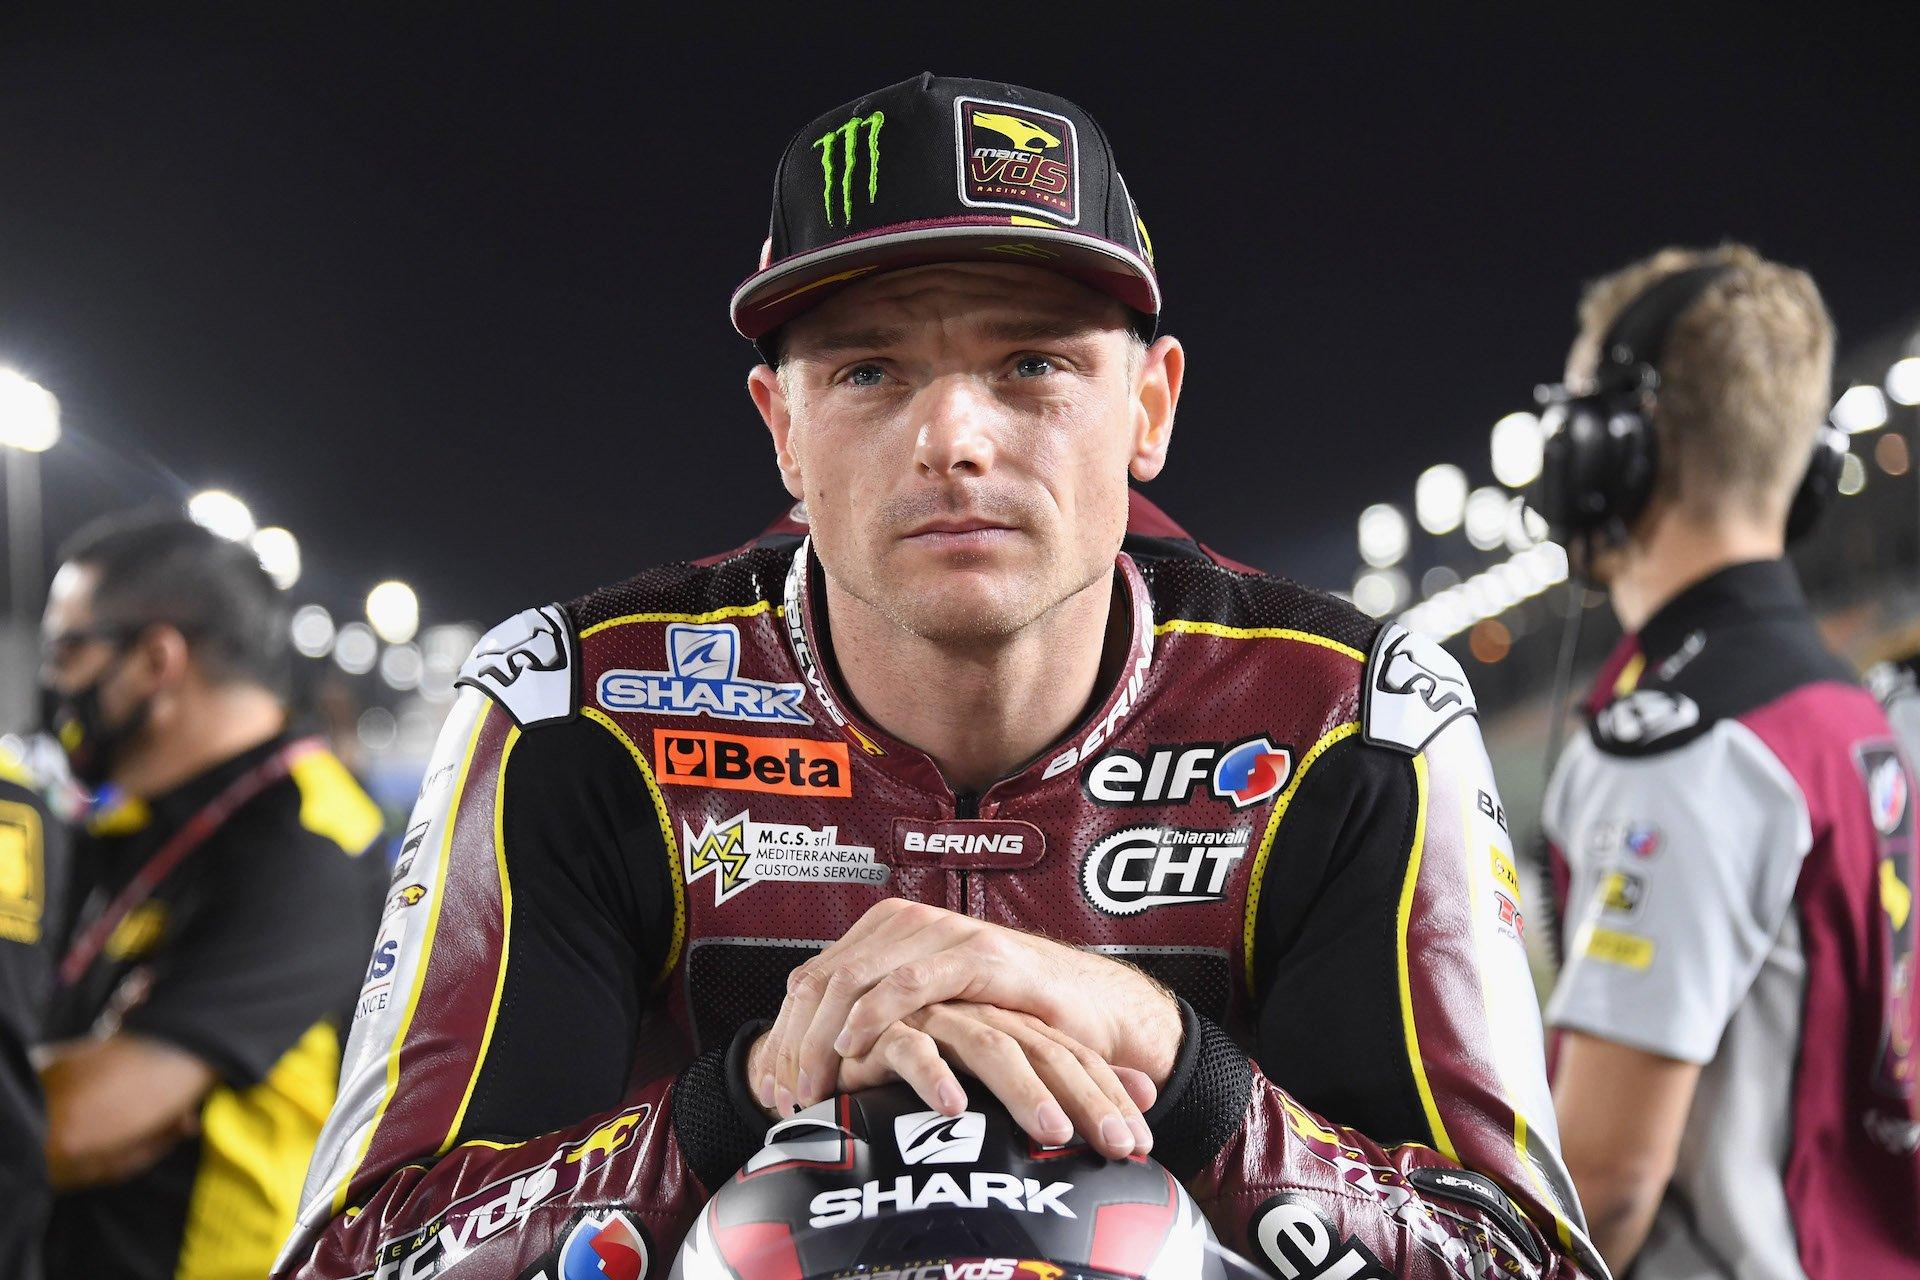 Resultados de la clasificación de Moto2 en el Gran Premio de Doha